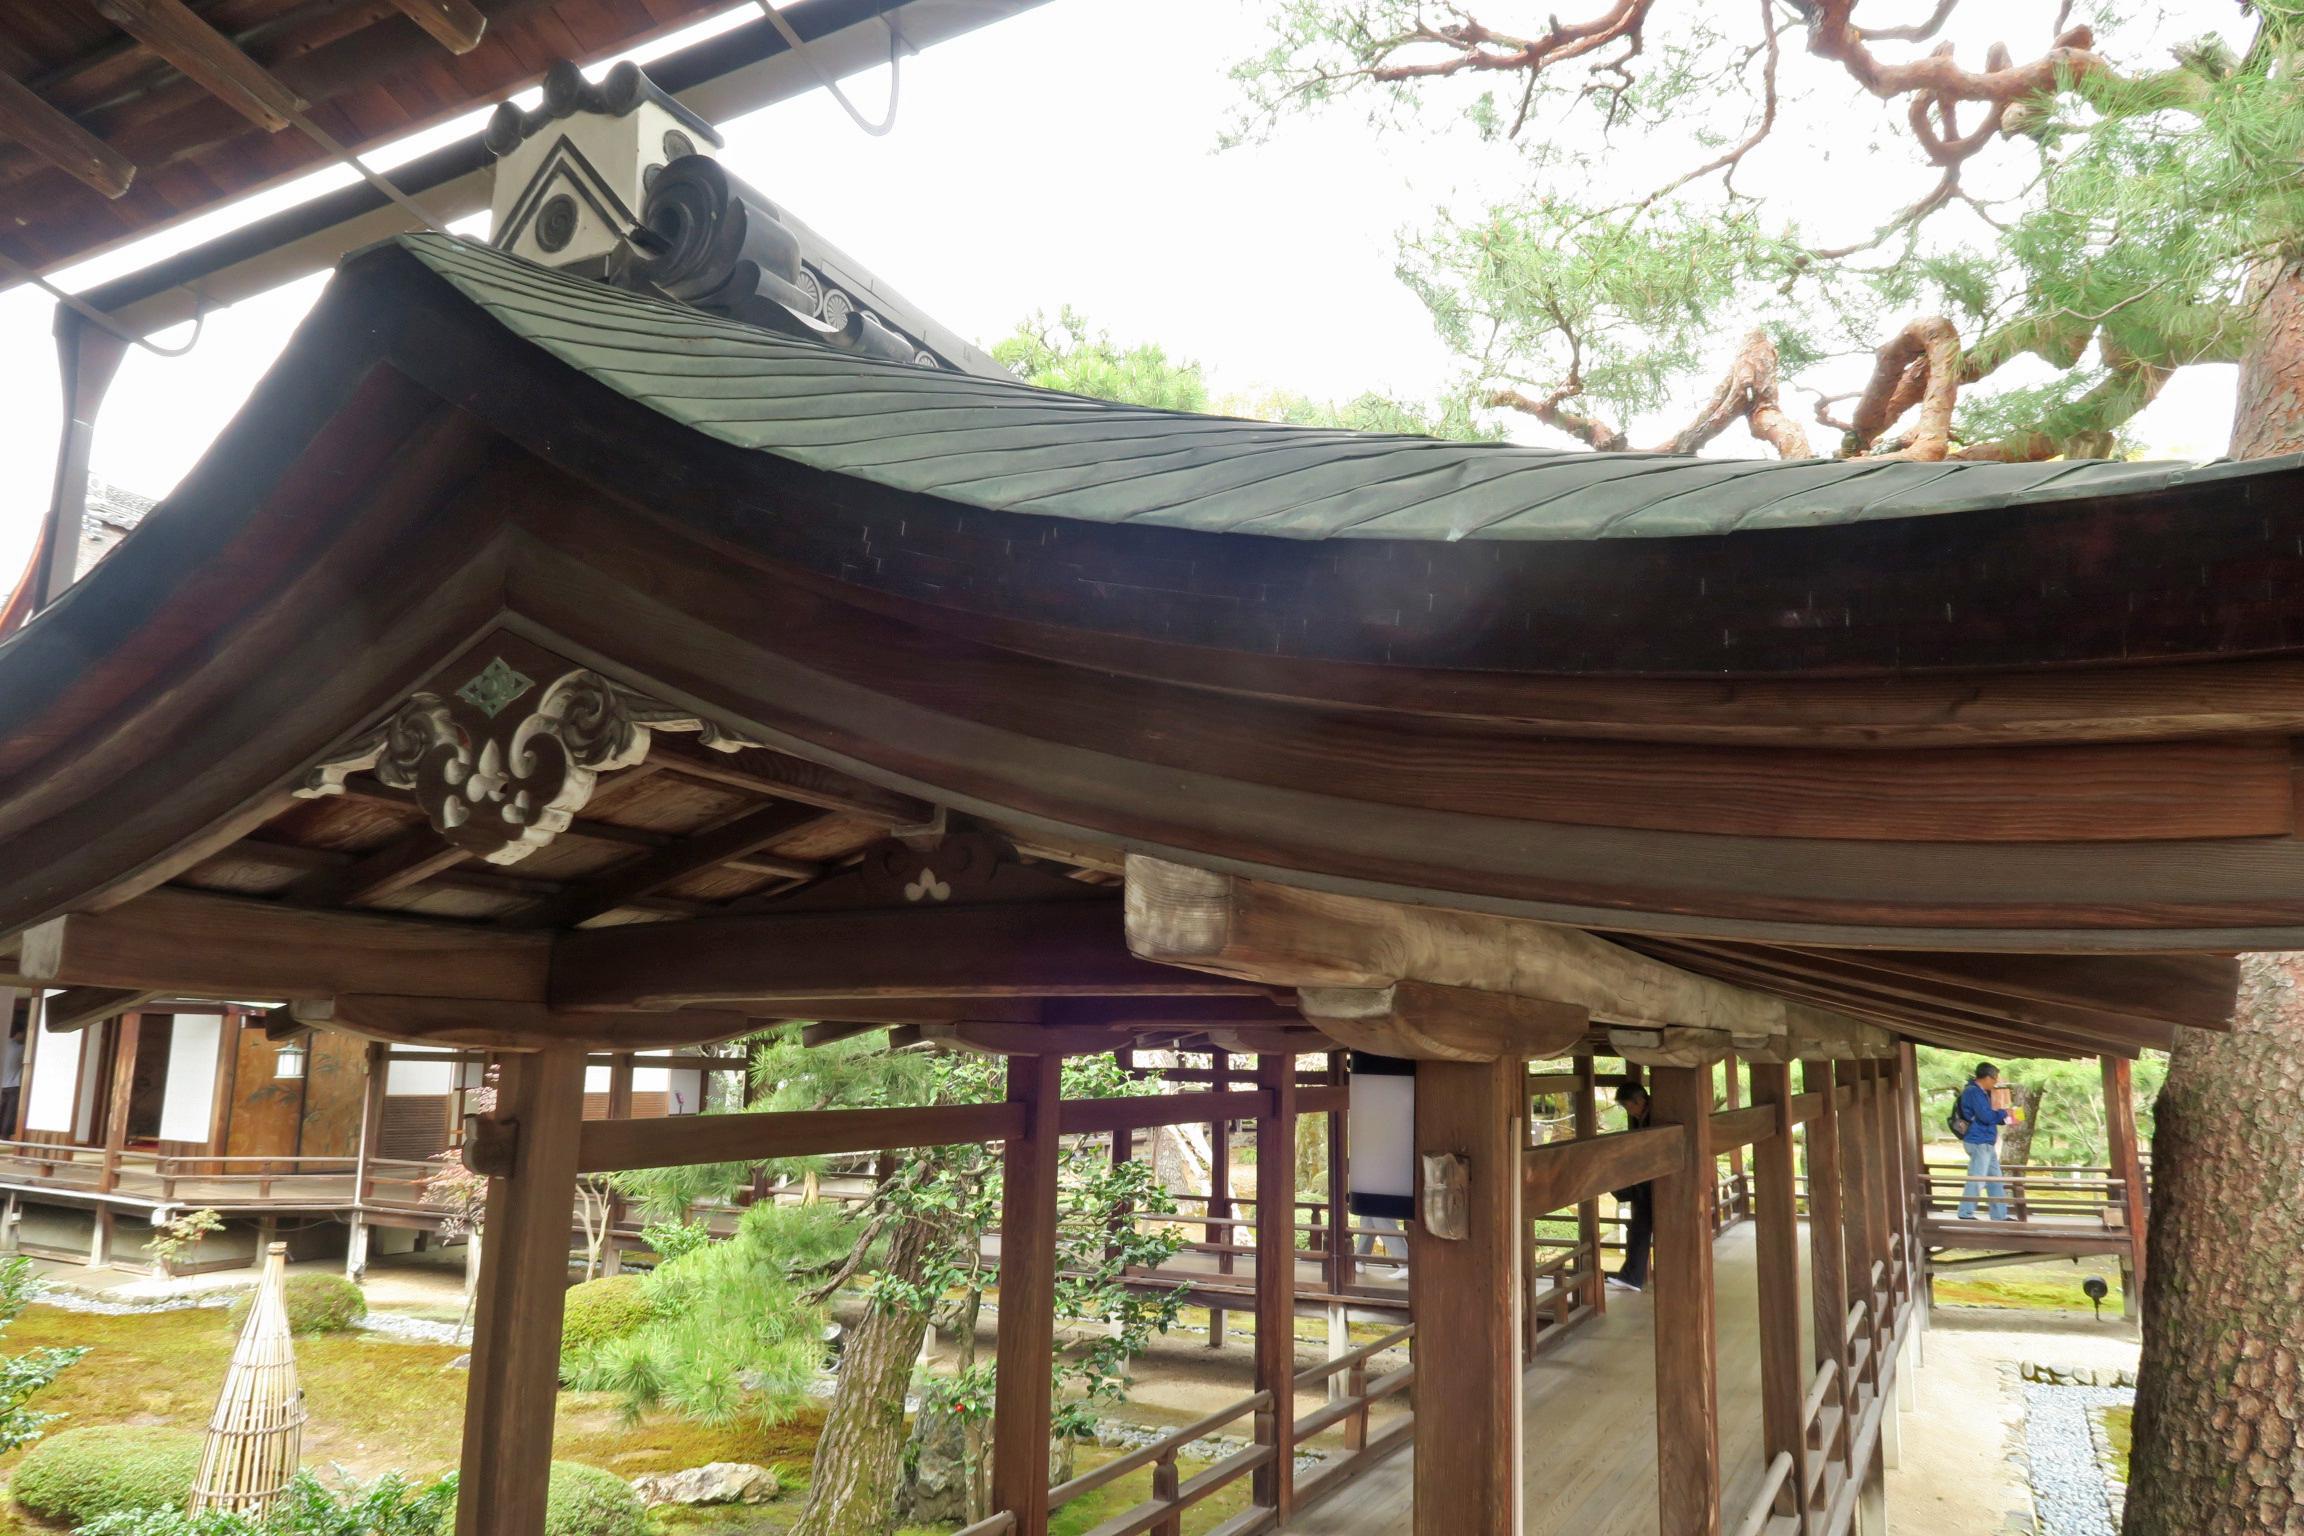 反りの美しい屋根ですね。少しずつ角度を変えて曲線が造られています。